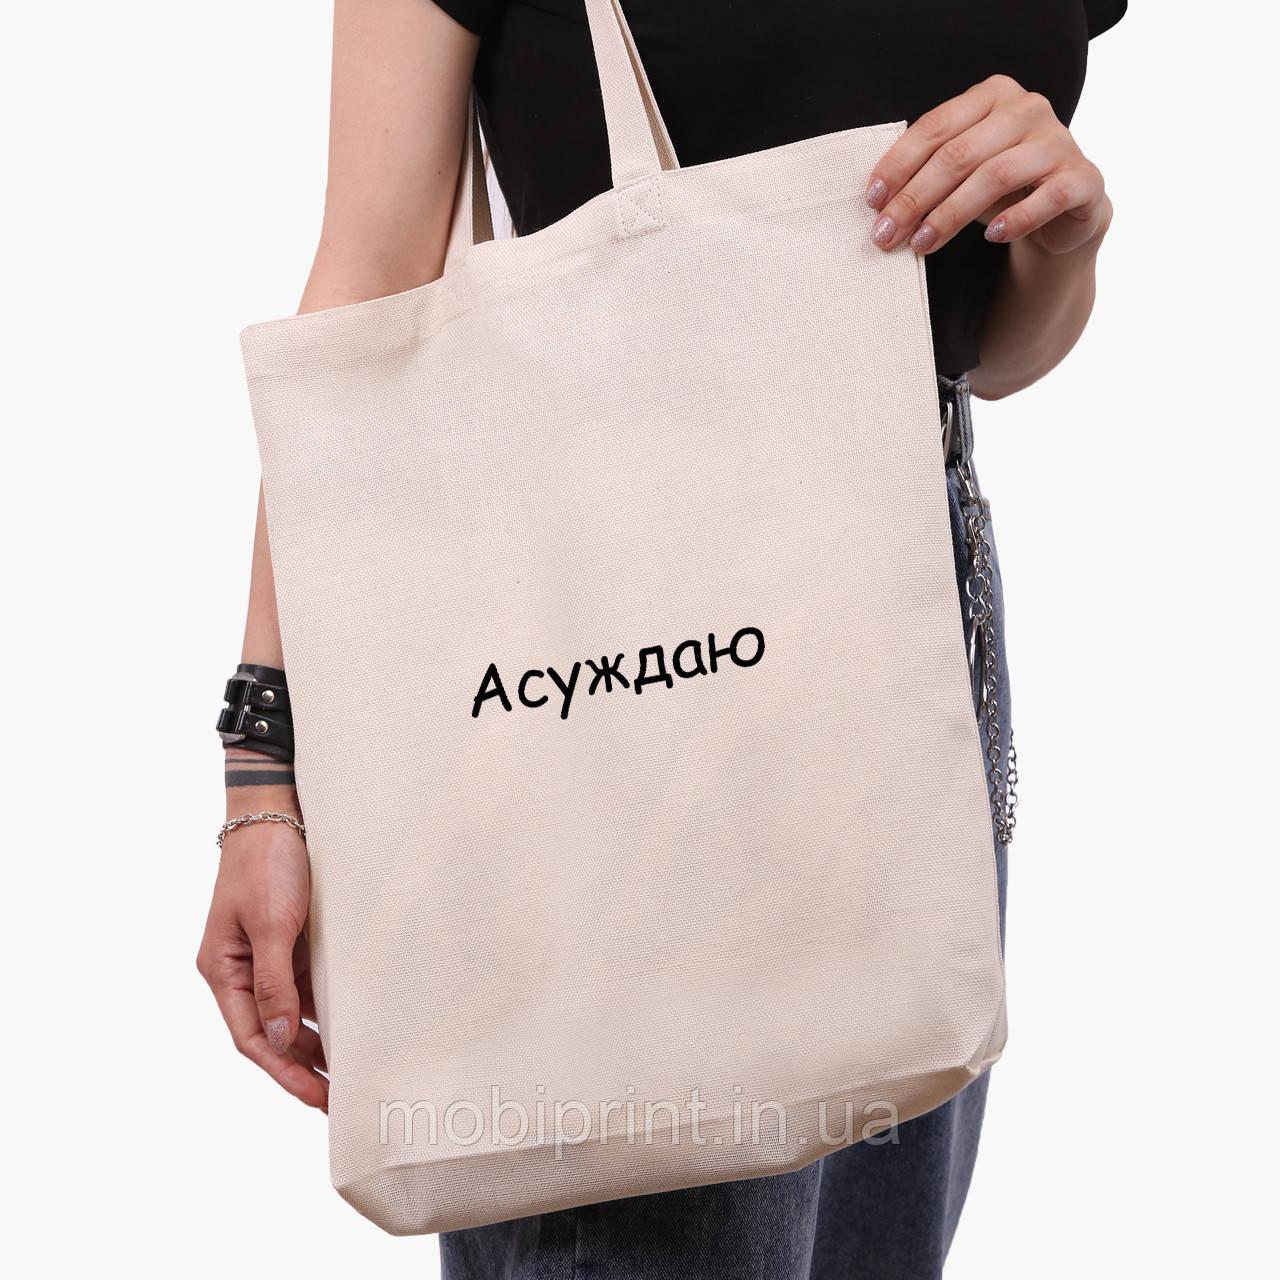 Эко сумка шоппер белая Осуждаю (9227-1288-1)  41*39*8 см